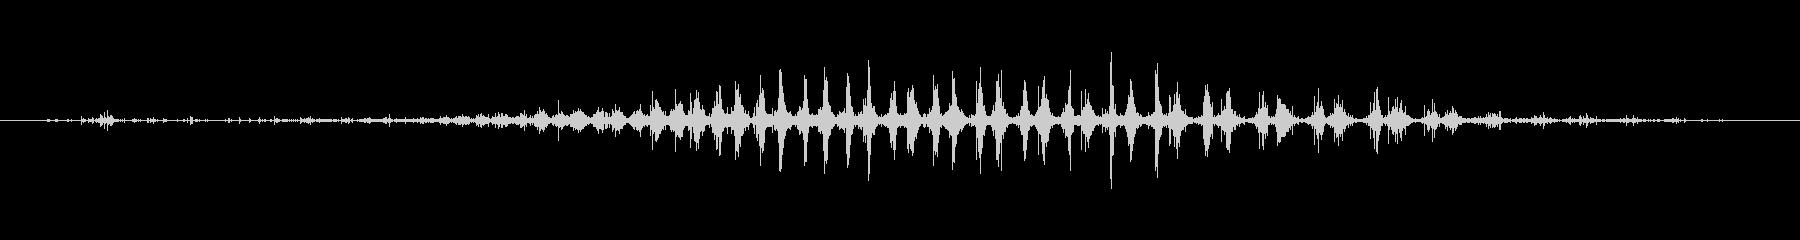 シェーカー ウッドラトルダイナミック06の未再生の波形